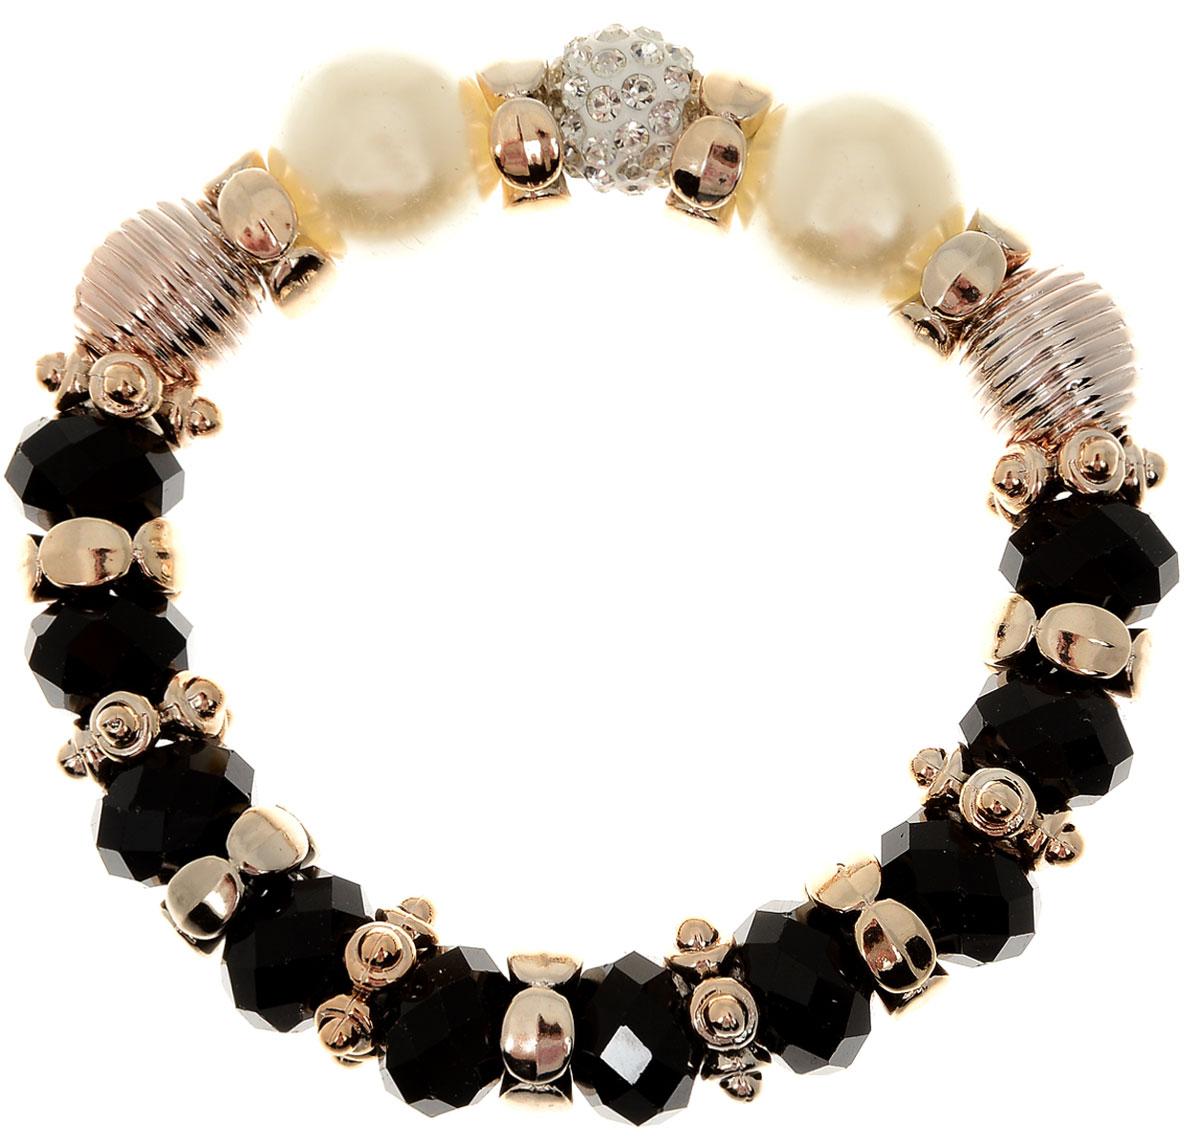 Браслет Taya, цвет: черный. T-B-11915-BRAC-BLACKT-B-11915-BRAC-BLACKУдобный, современный браслет на резинке. Половина его из кристаллов и золотых перемычек, другая - из жемчужин. Можно переворачивать и носить той стороной, которая сегодня подходит под одежду.